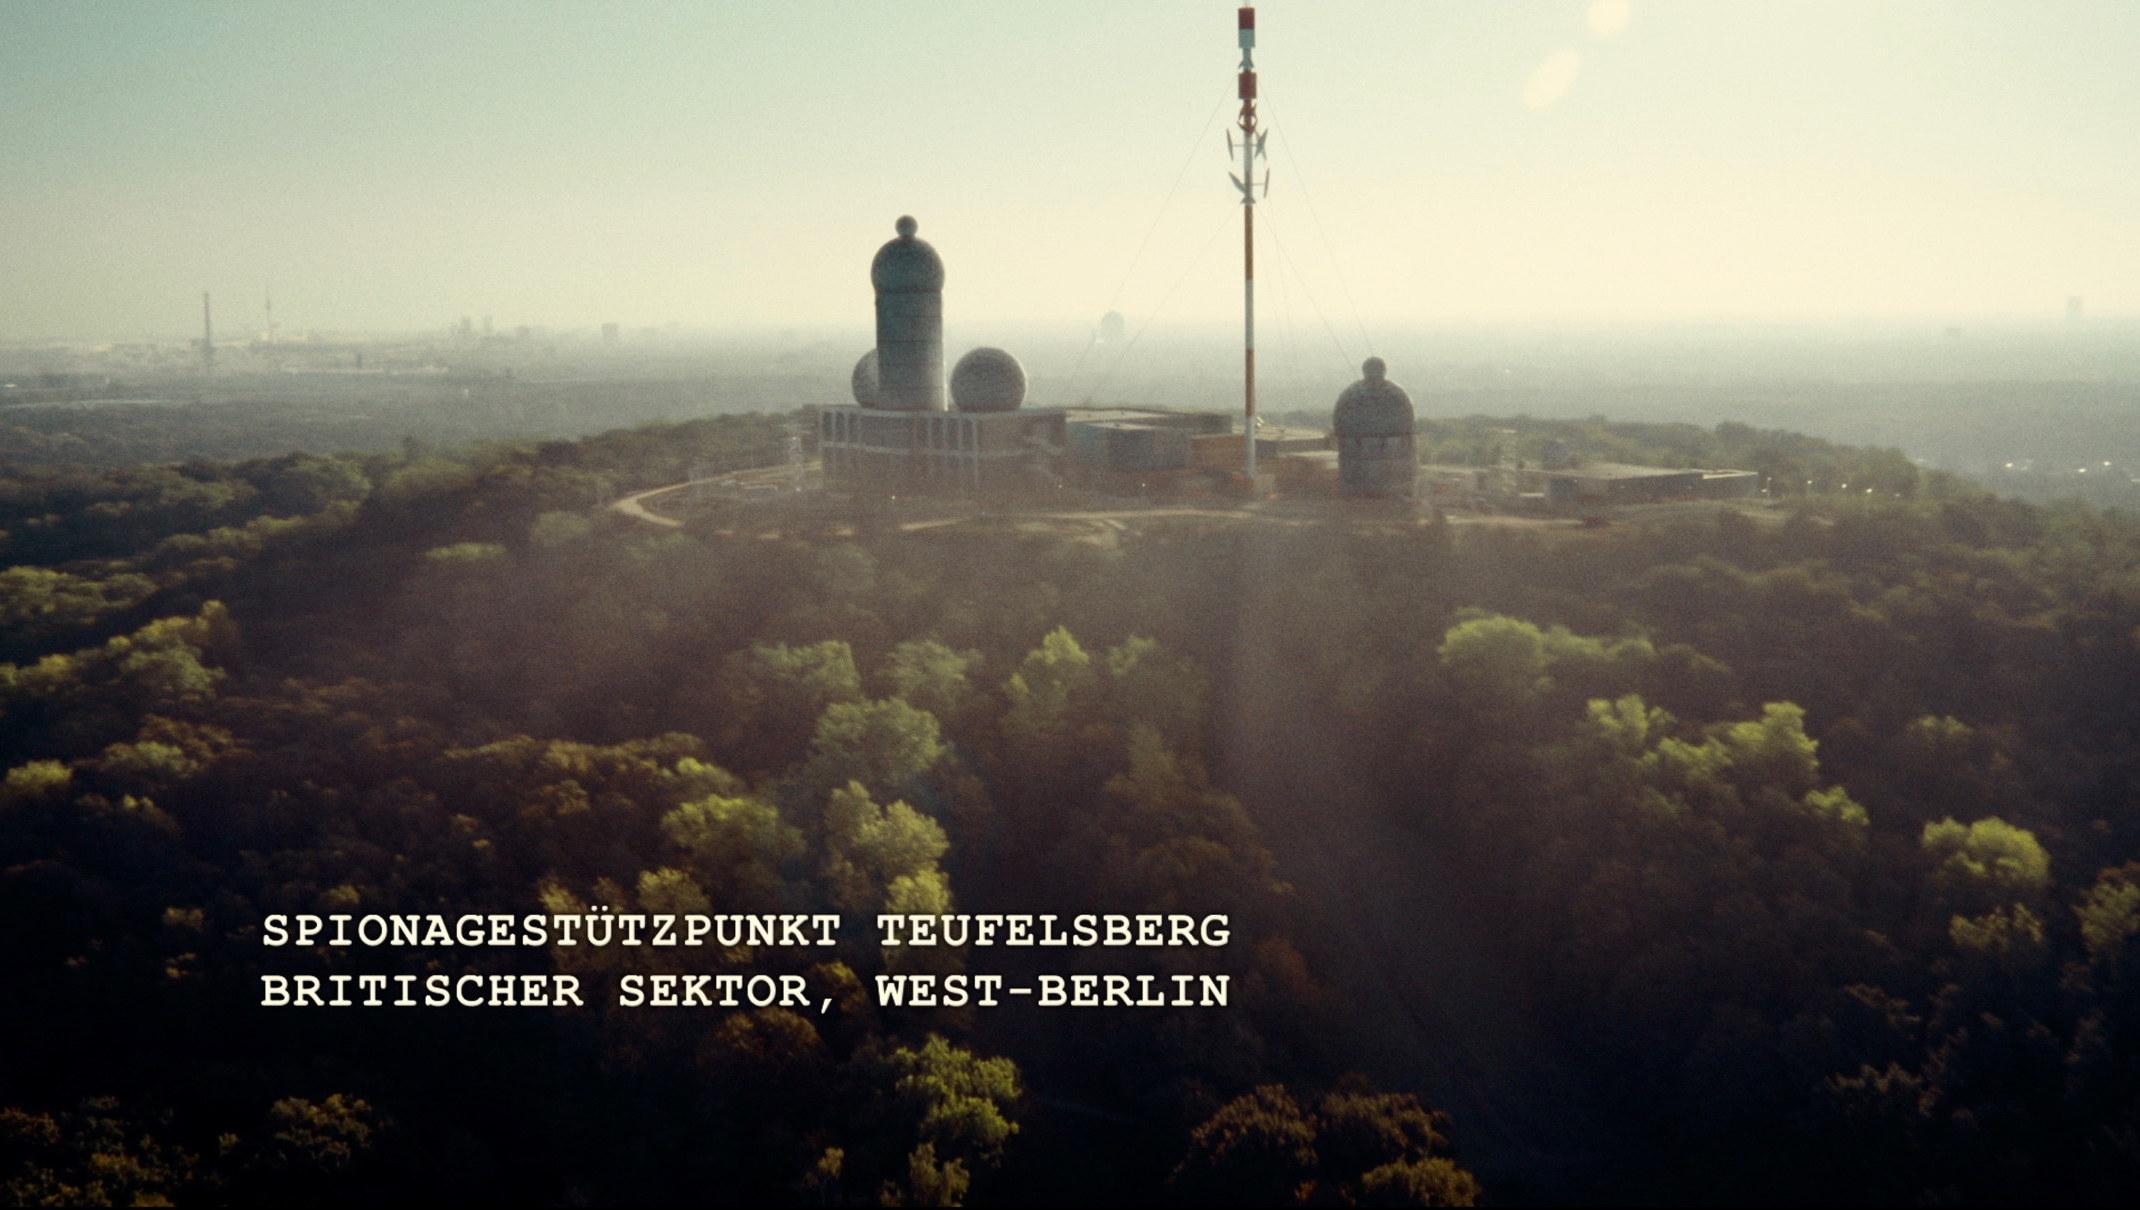 the same sky - Der Gleiche Himmel - Regie Oliver Hirschbiegel - Kamera Judith Kaufmann - Spionagestützpunkt Teufelsberg- Britischer Sektor - West-Berlin